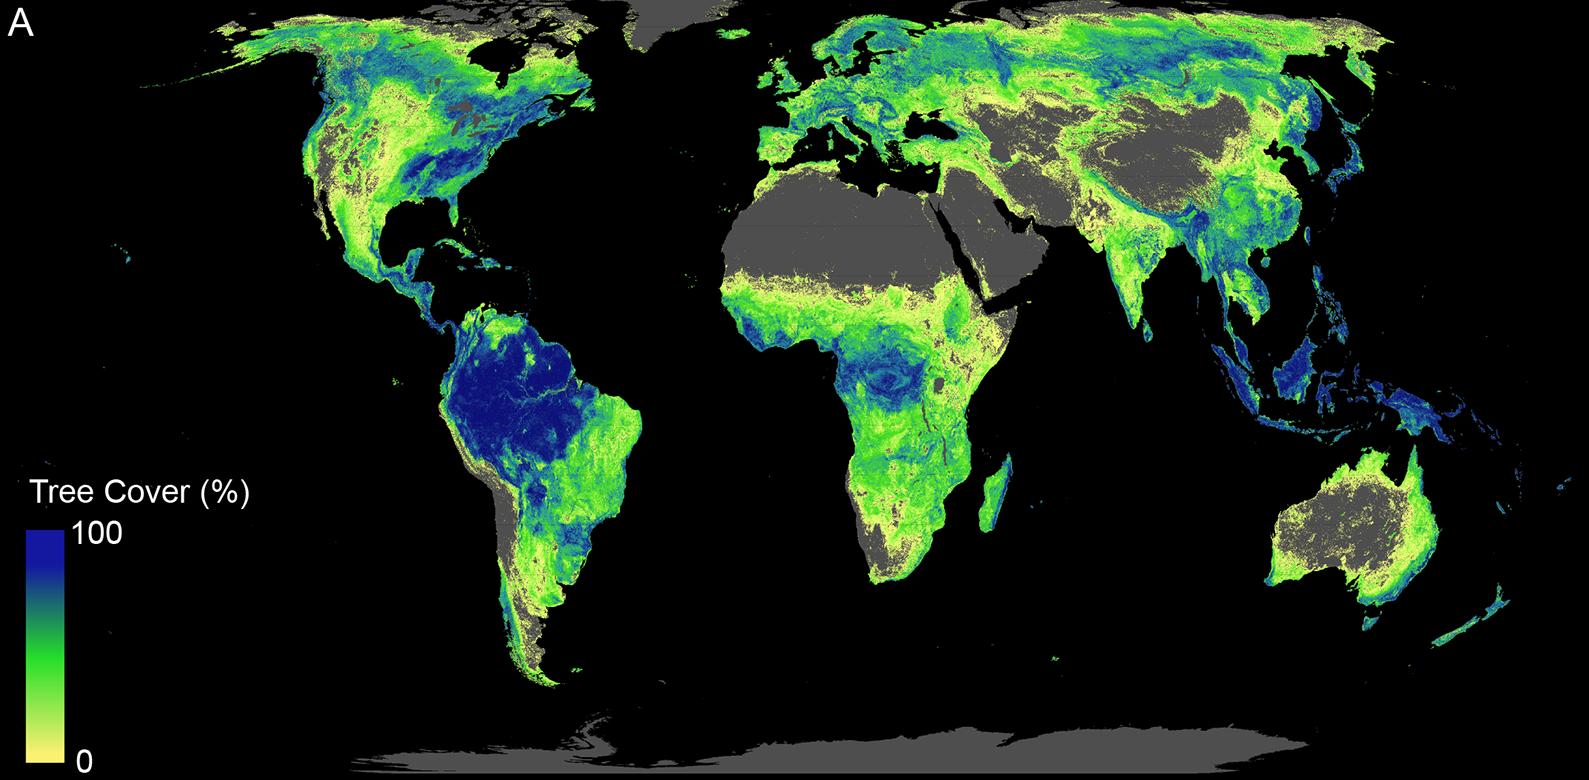 Gesamte verfügbare Fläche, auf der Bäume wachsen könnten